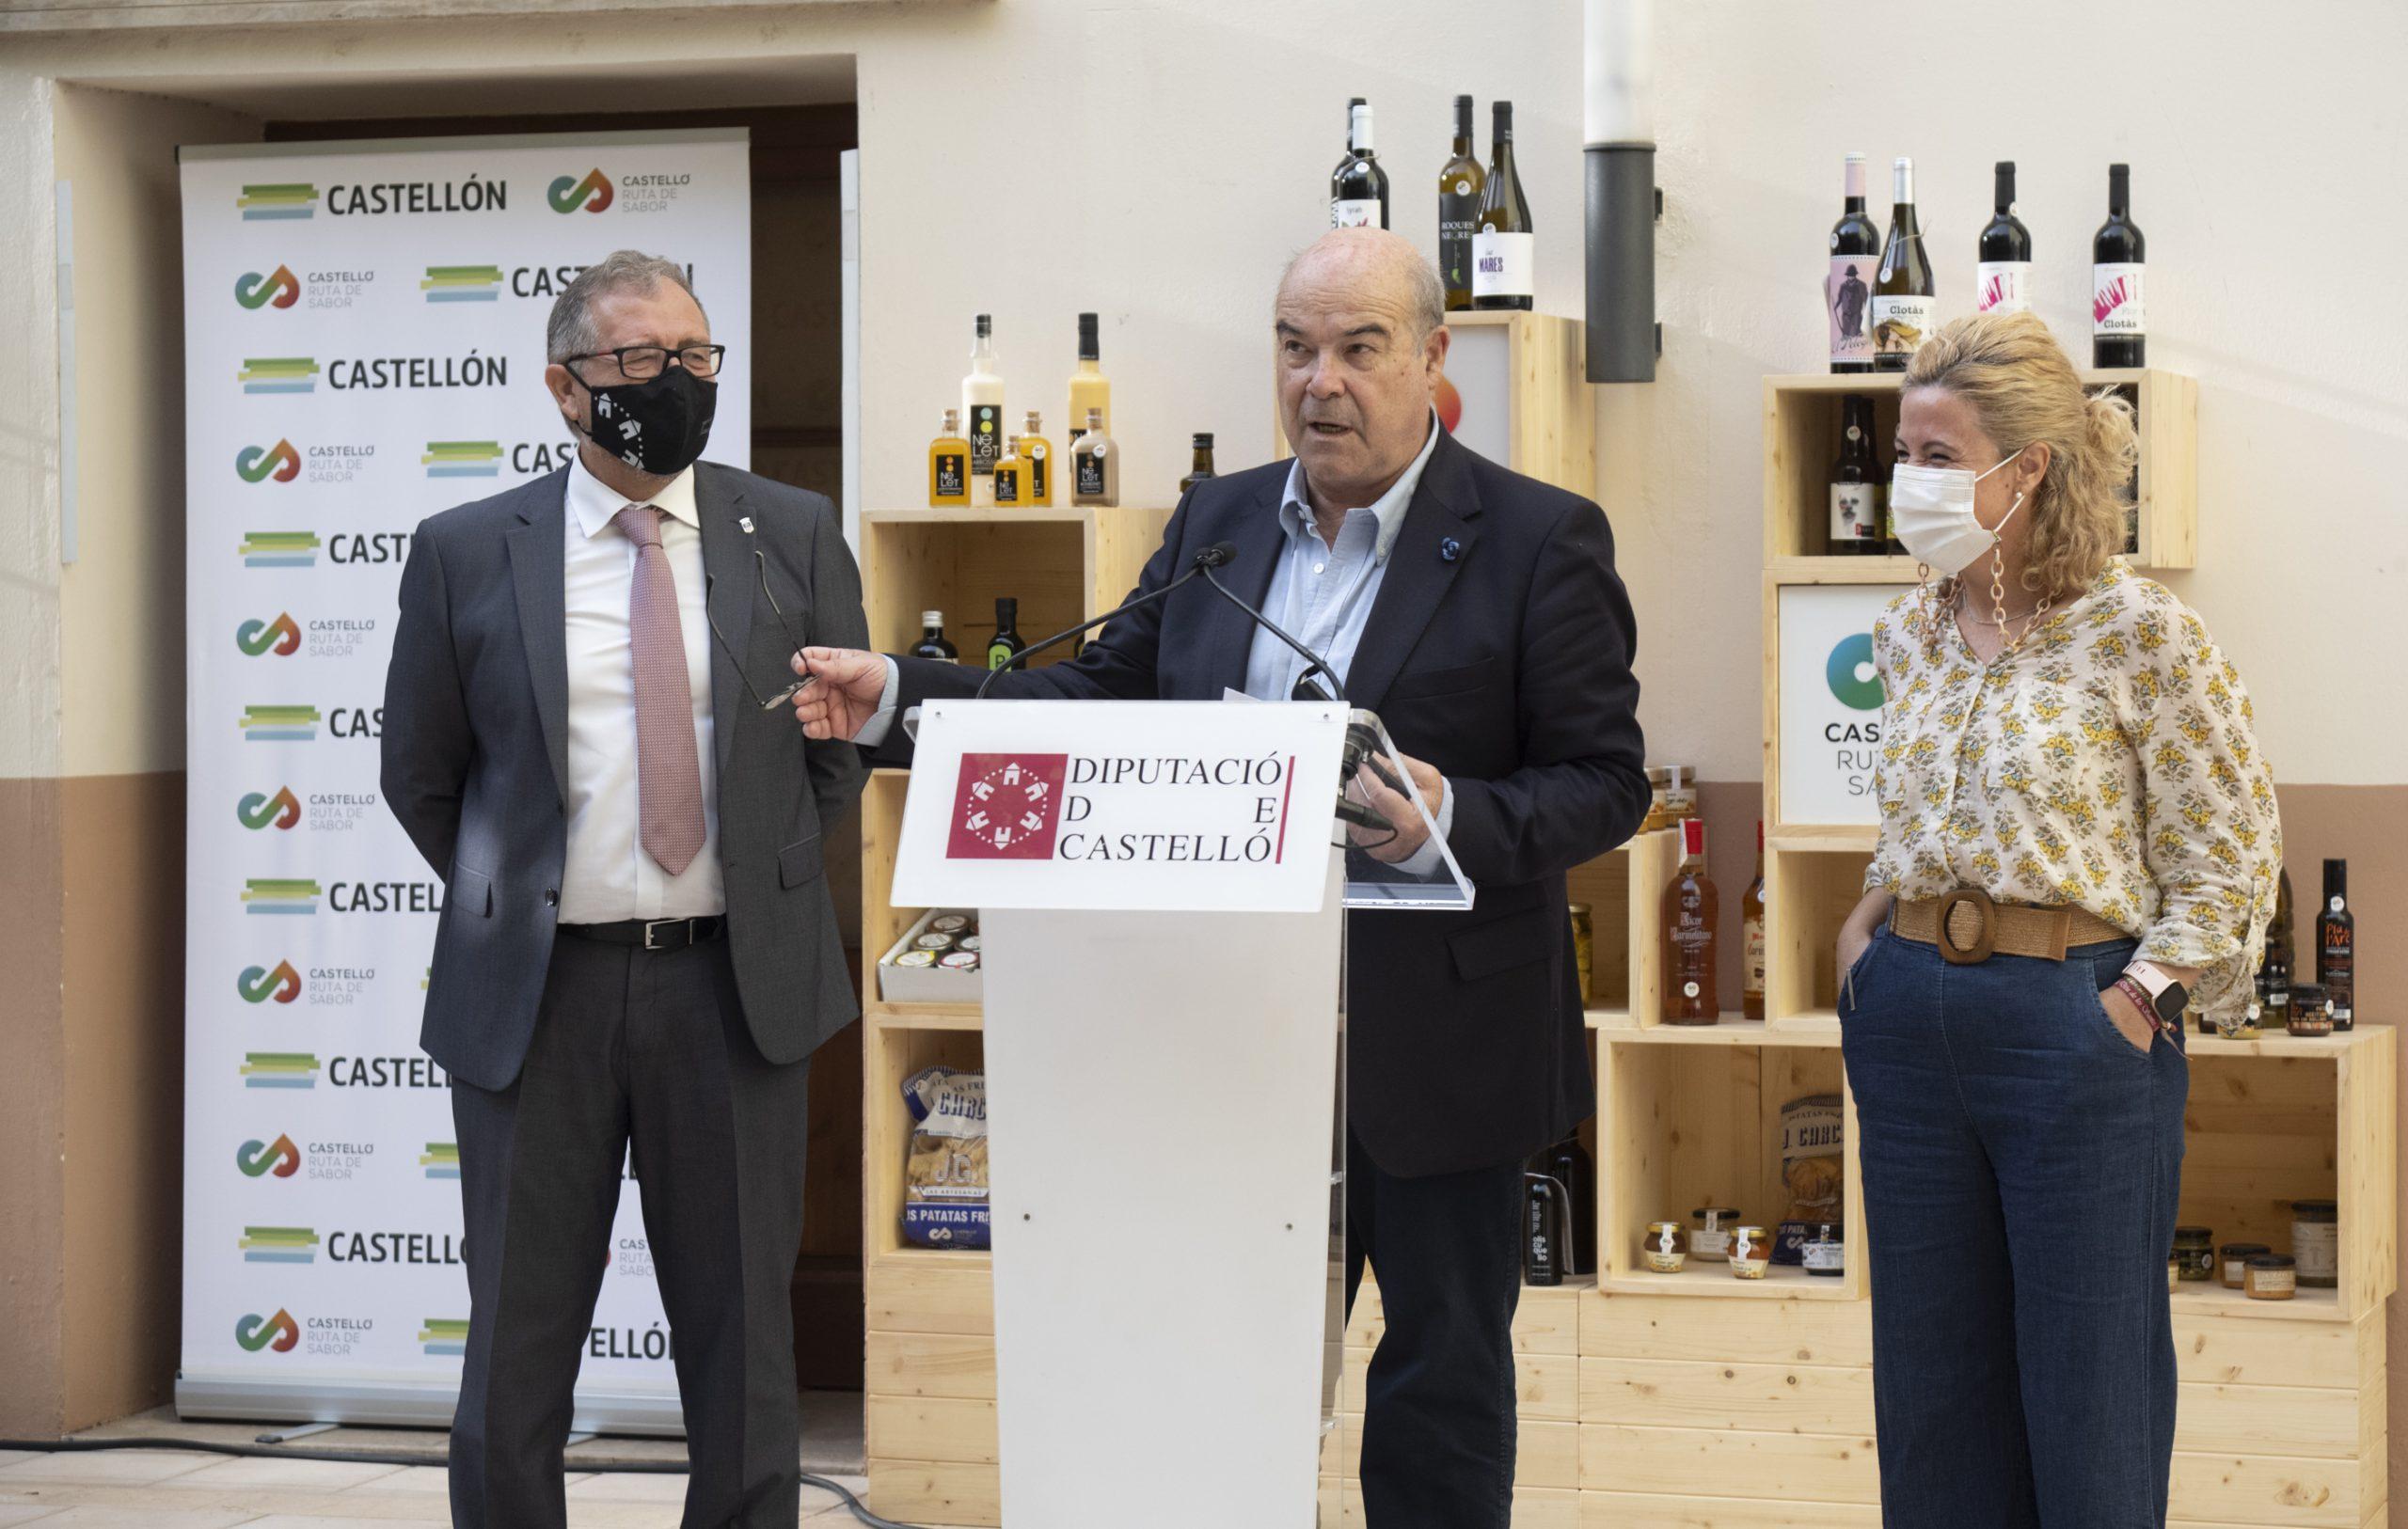 La Diputación de Castellón promocionará la provincia este otoño de la mano del actor Antonio Resines